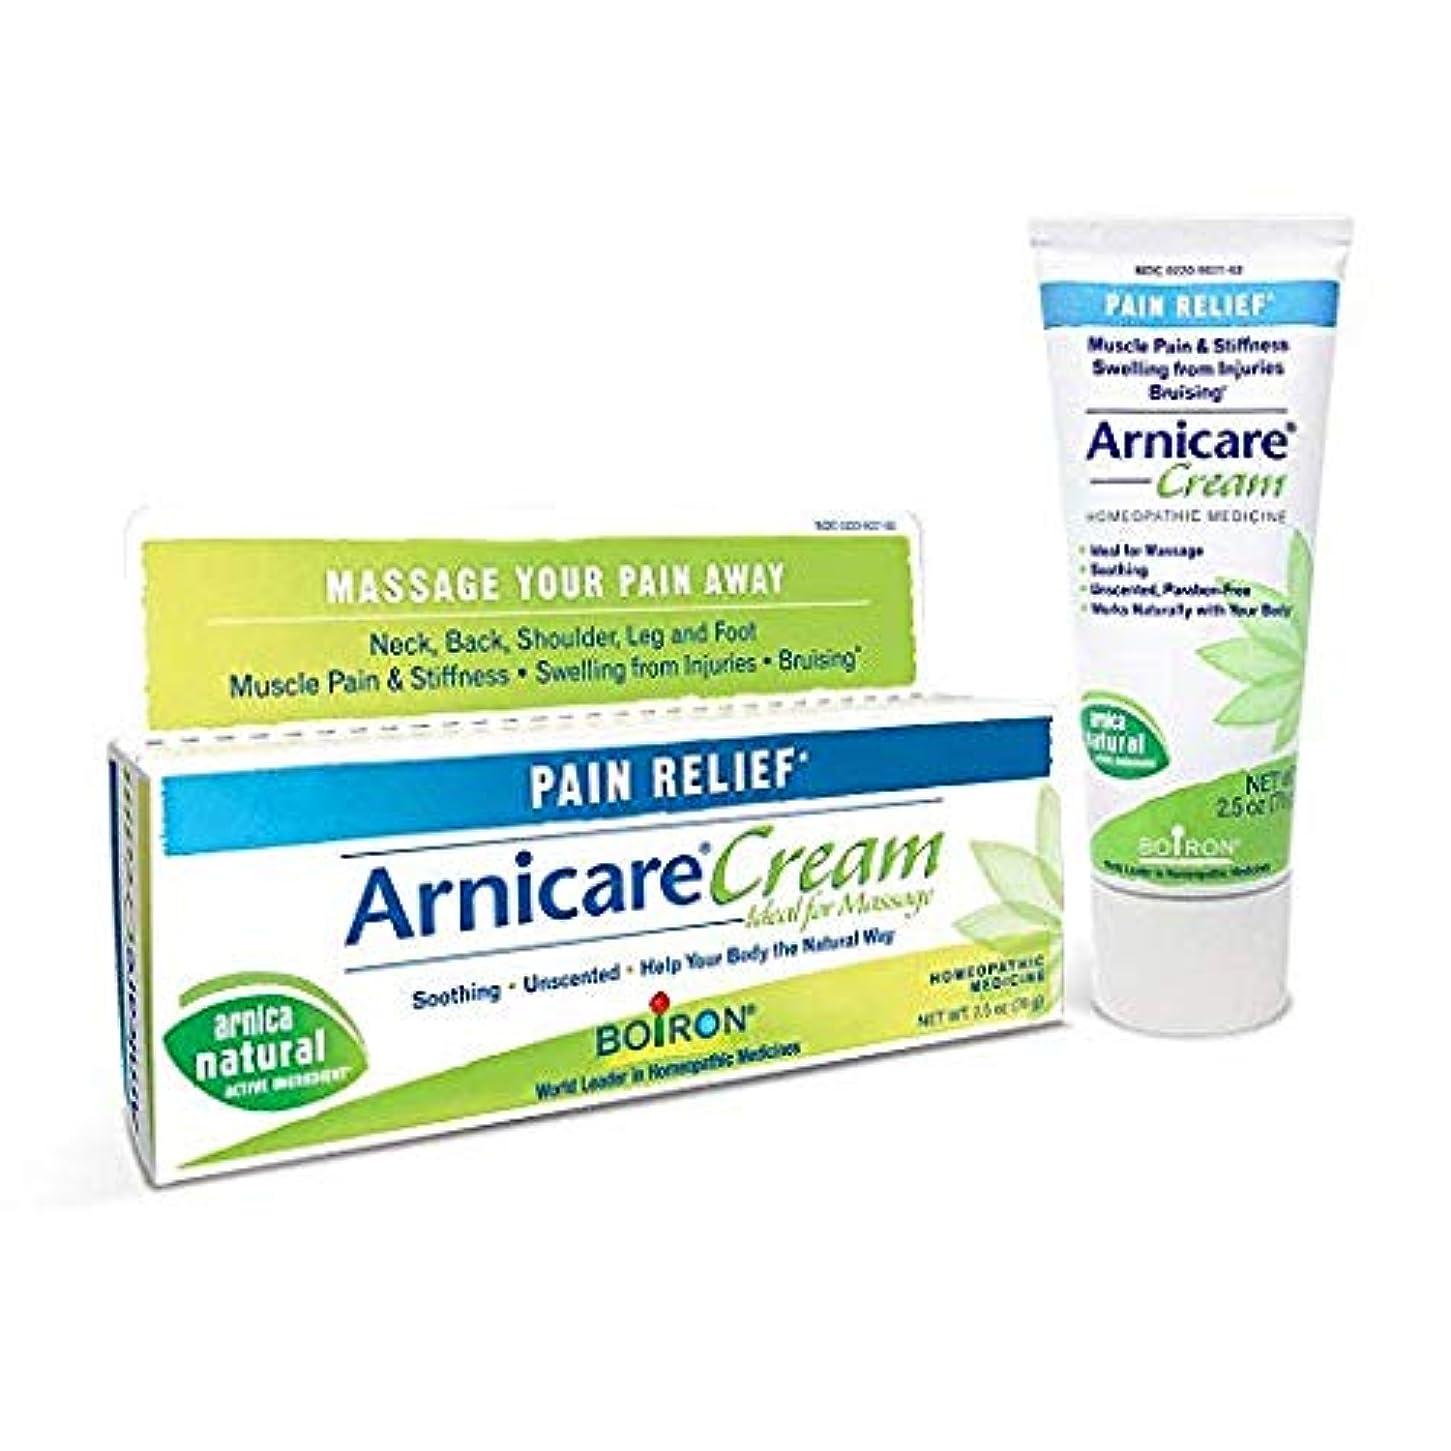 人里離れた章モンスターボイロン アルニカクリーム Boiron Arnicare Cream 2.5 Ounces Topical Pain Relief Cream [並行輸入品]